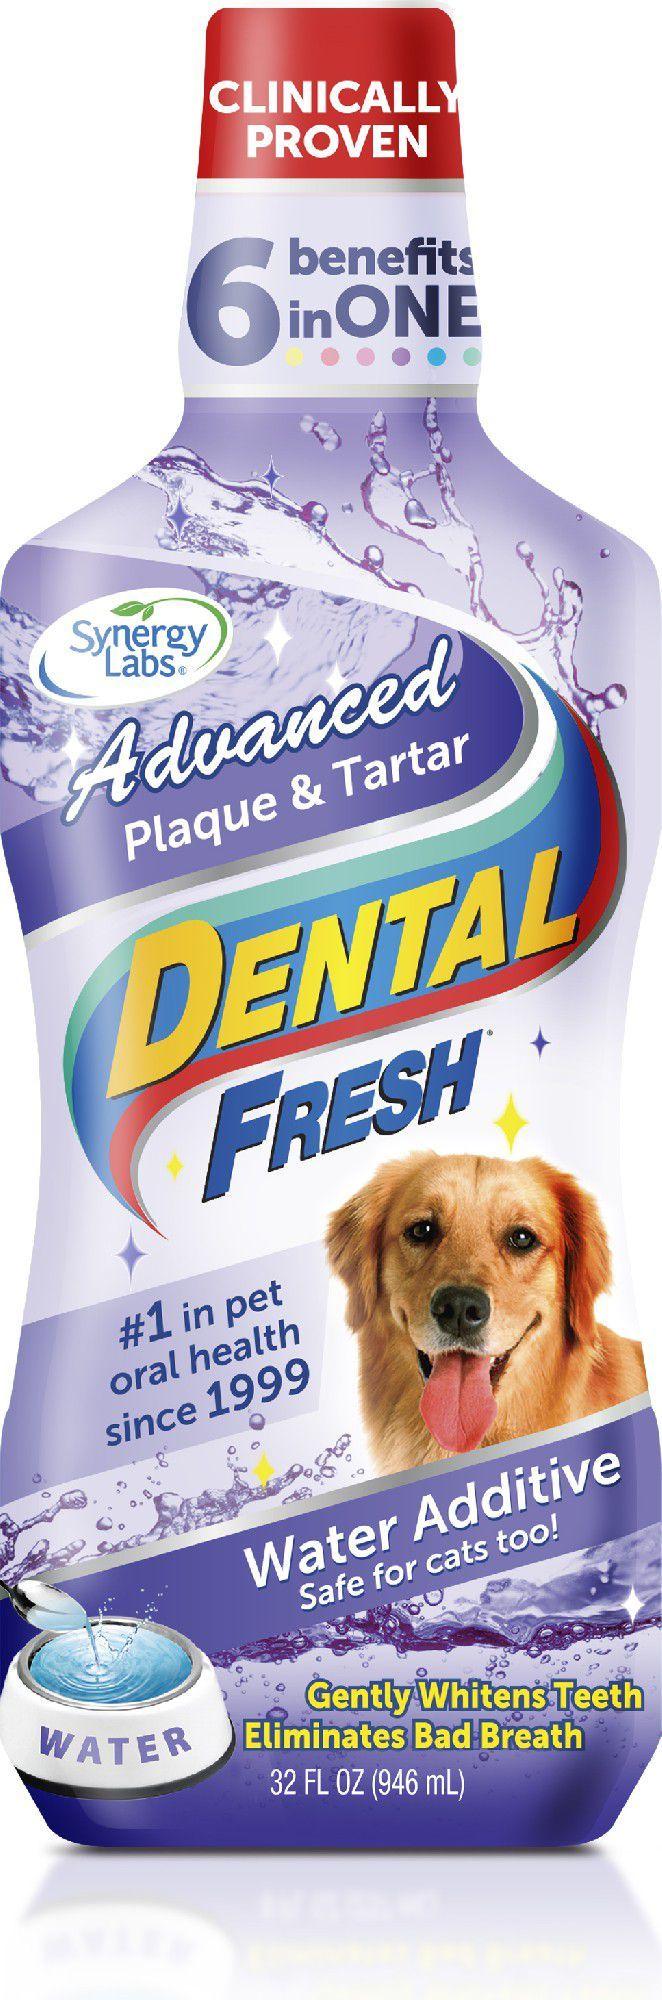 Synergy Labs Dental Fresh Kamień & Osad 1l 1